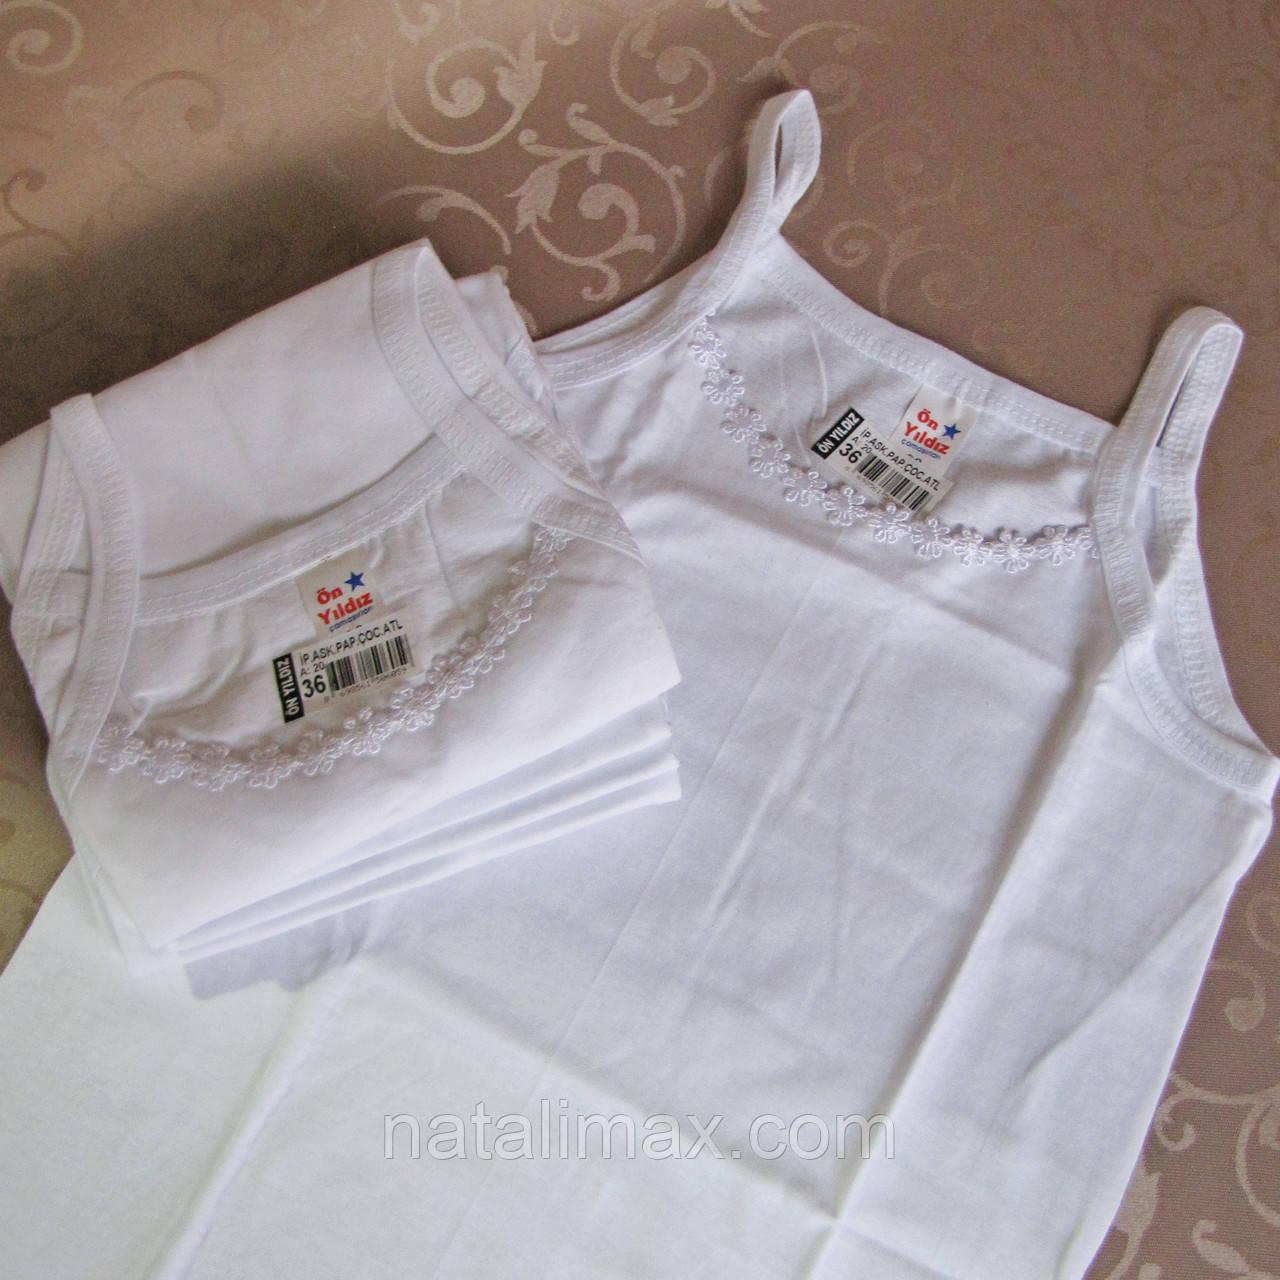 Майка белая бельевая для девочки -РОСТОВКА - 6 шт. Турция. Купить майки, футболки, белье   оптом. , фото 1